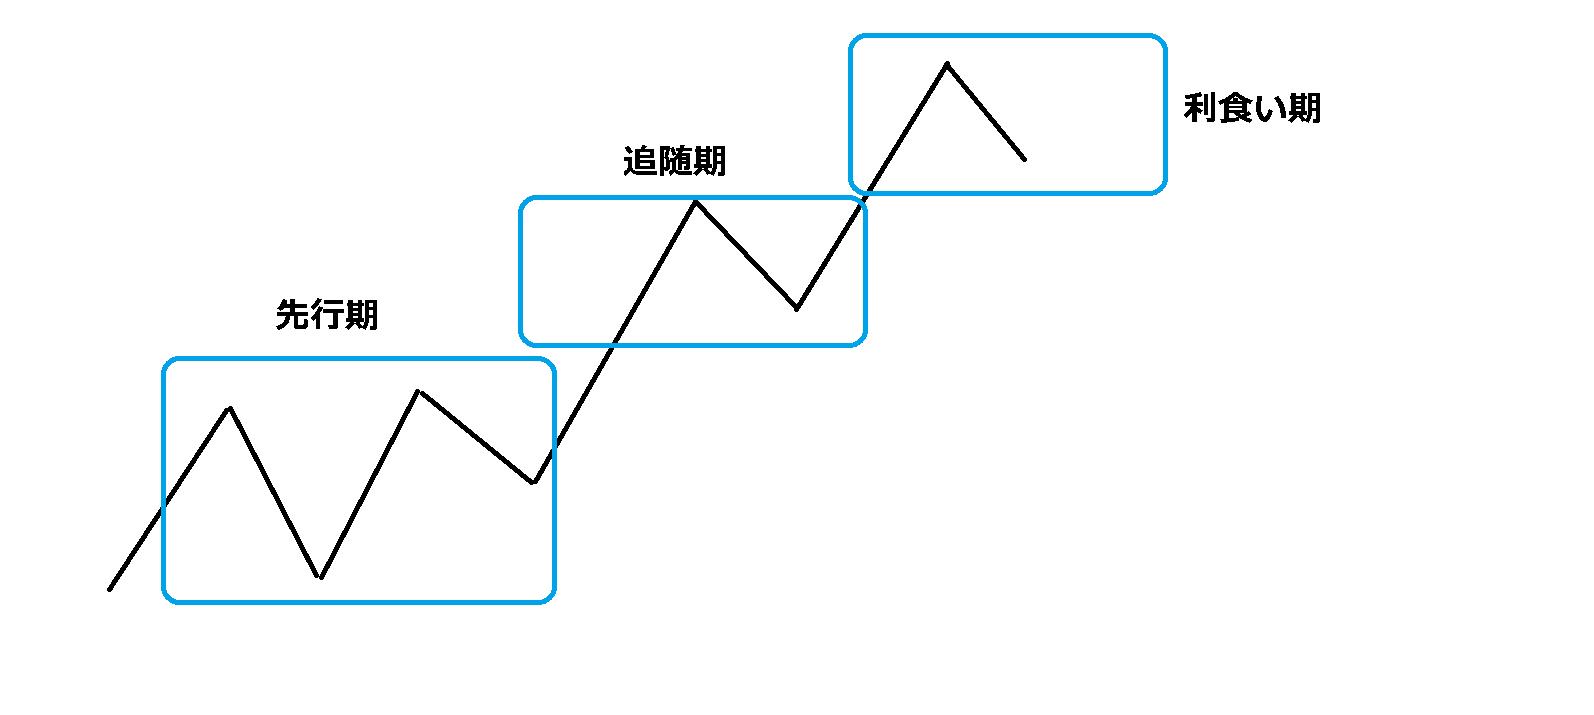 ダウ理論3段階